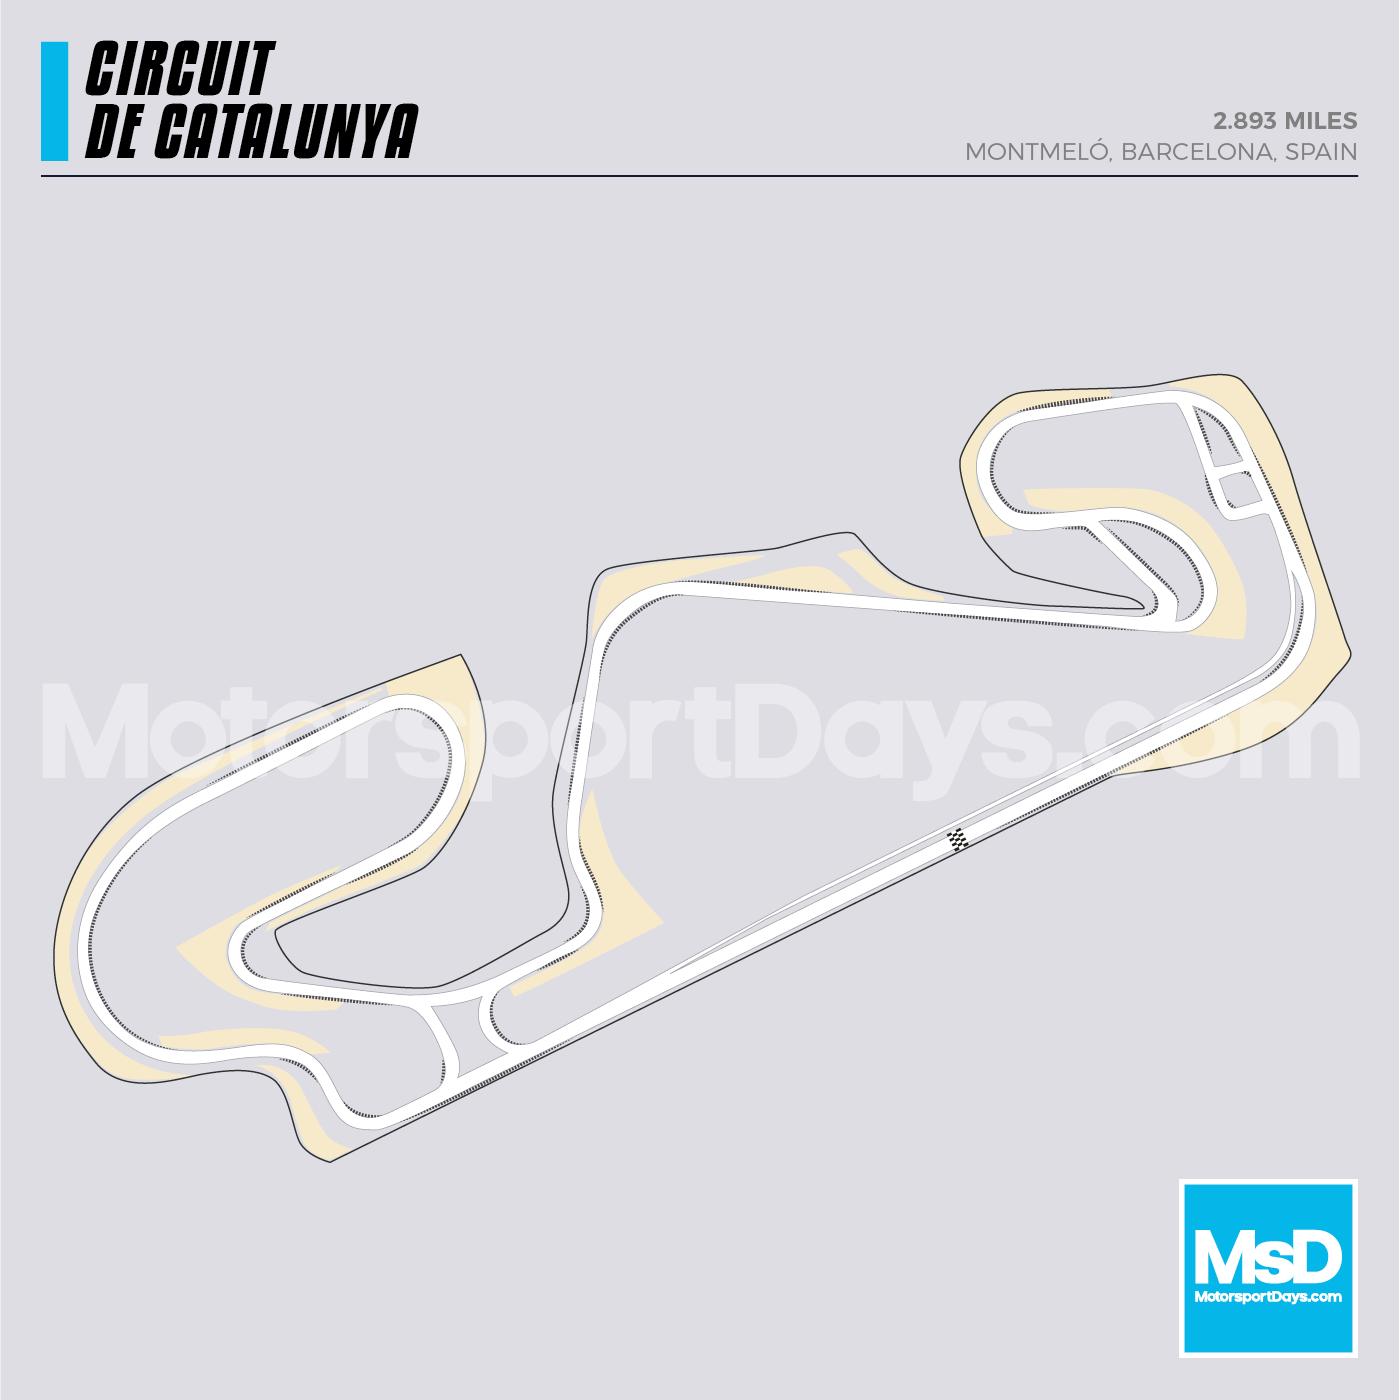 De-Catalunya-Circuit-track-map